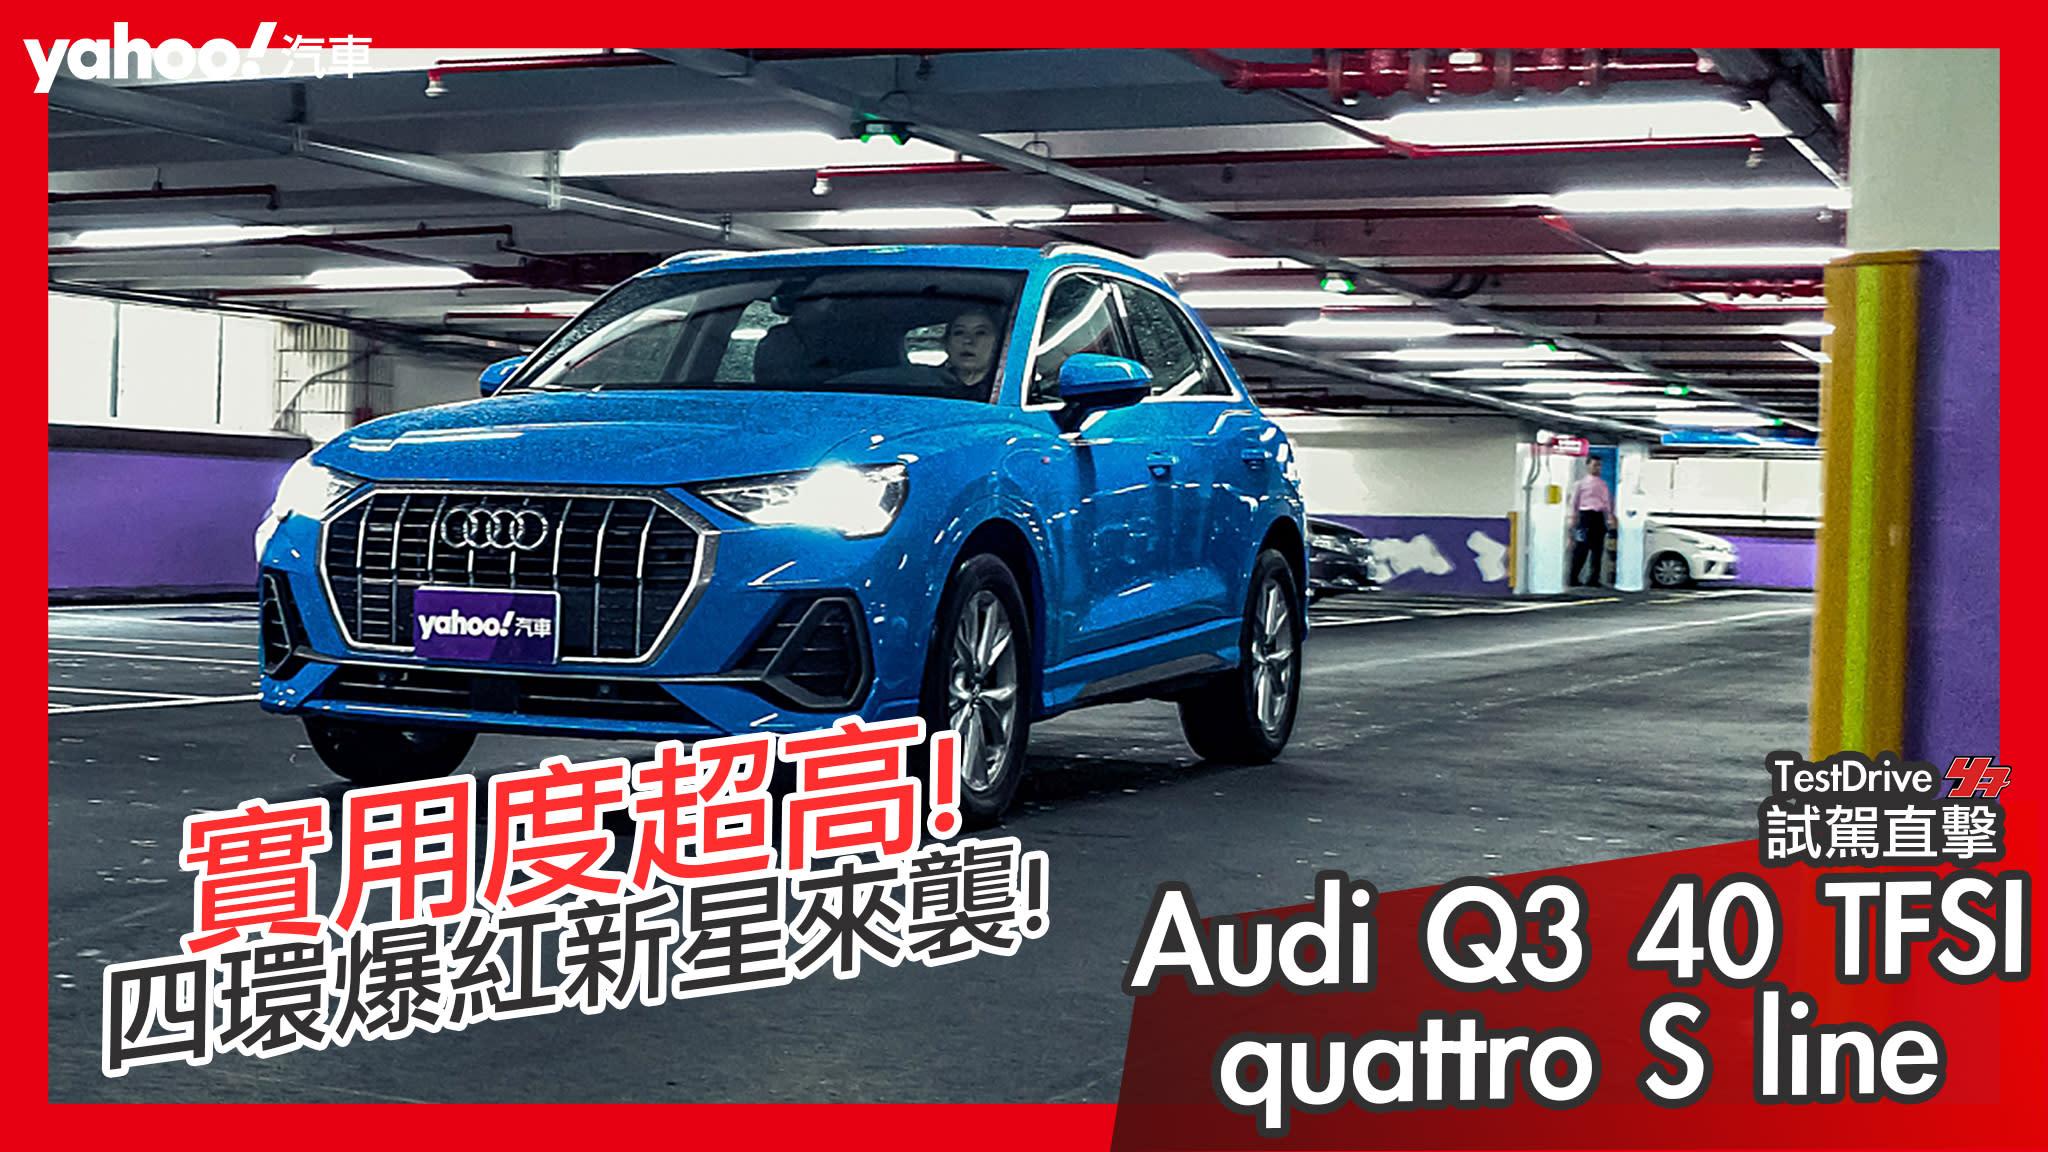 【試駕直擊】實用度更高的爆紅新星?2020 Audi Q3 40 TFSI quattro S line都會試駕!